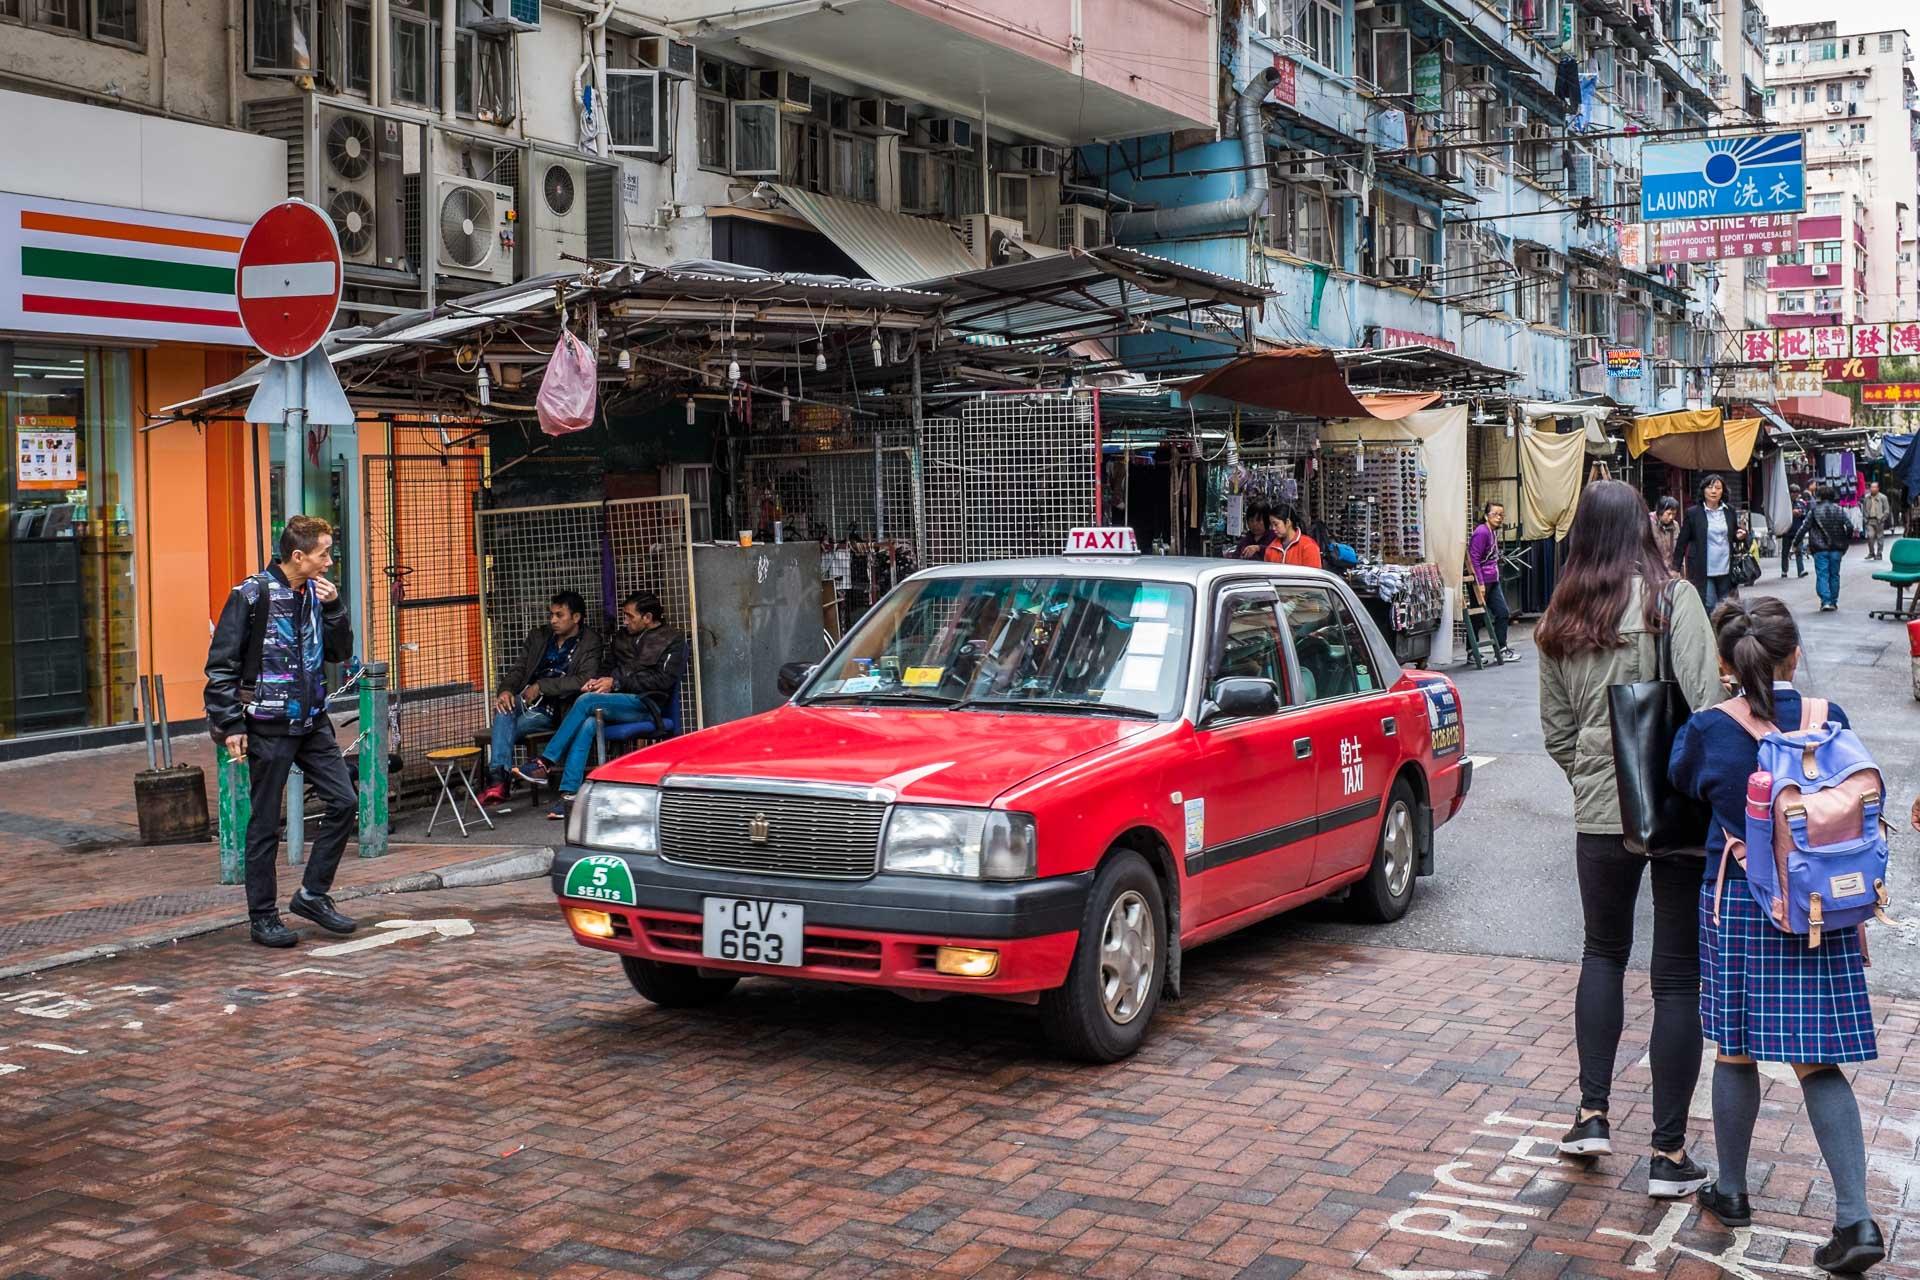 Sham taxi